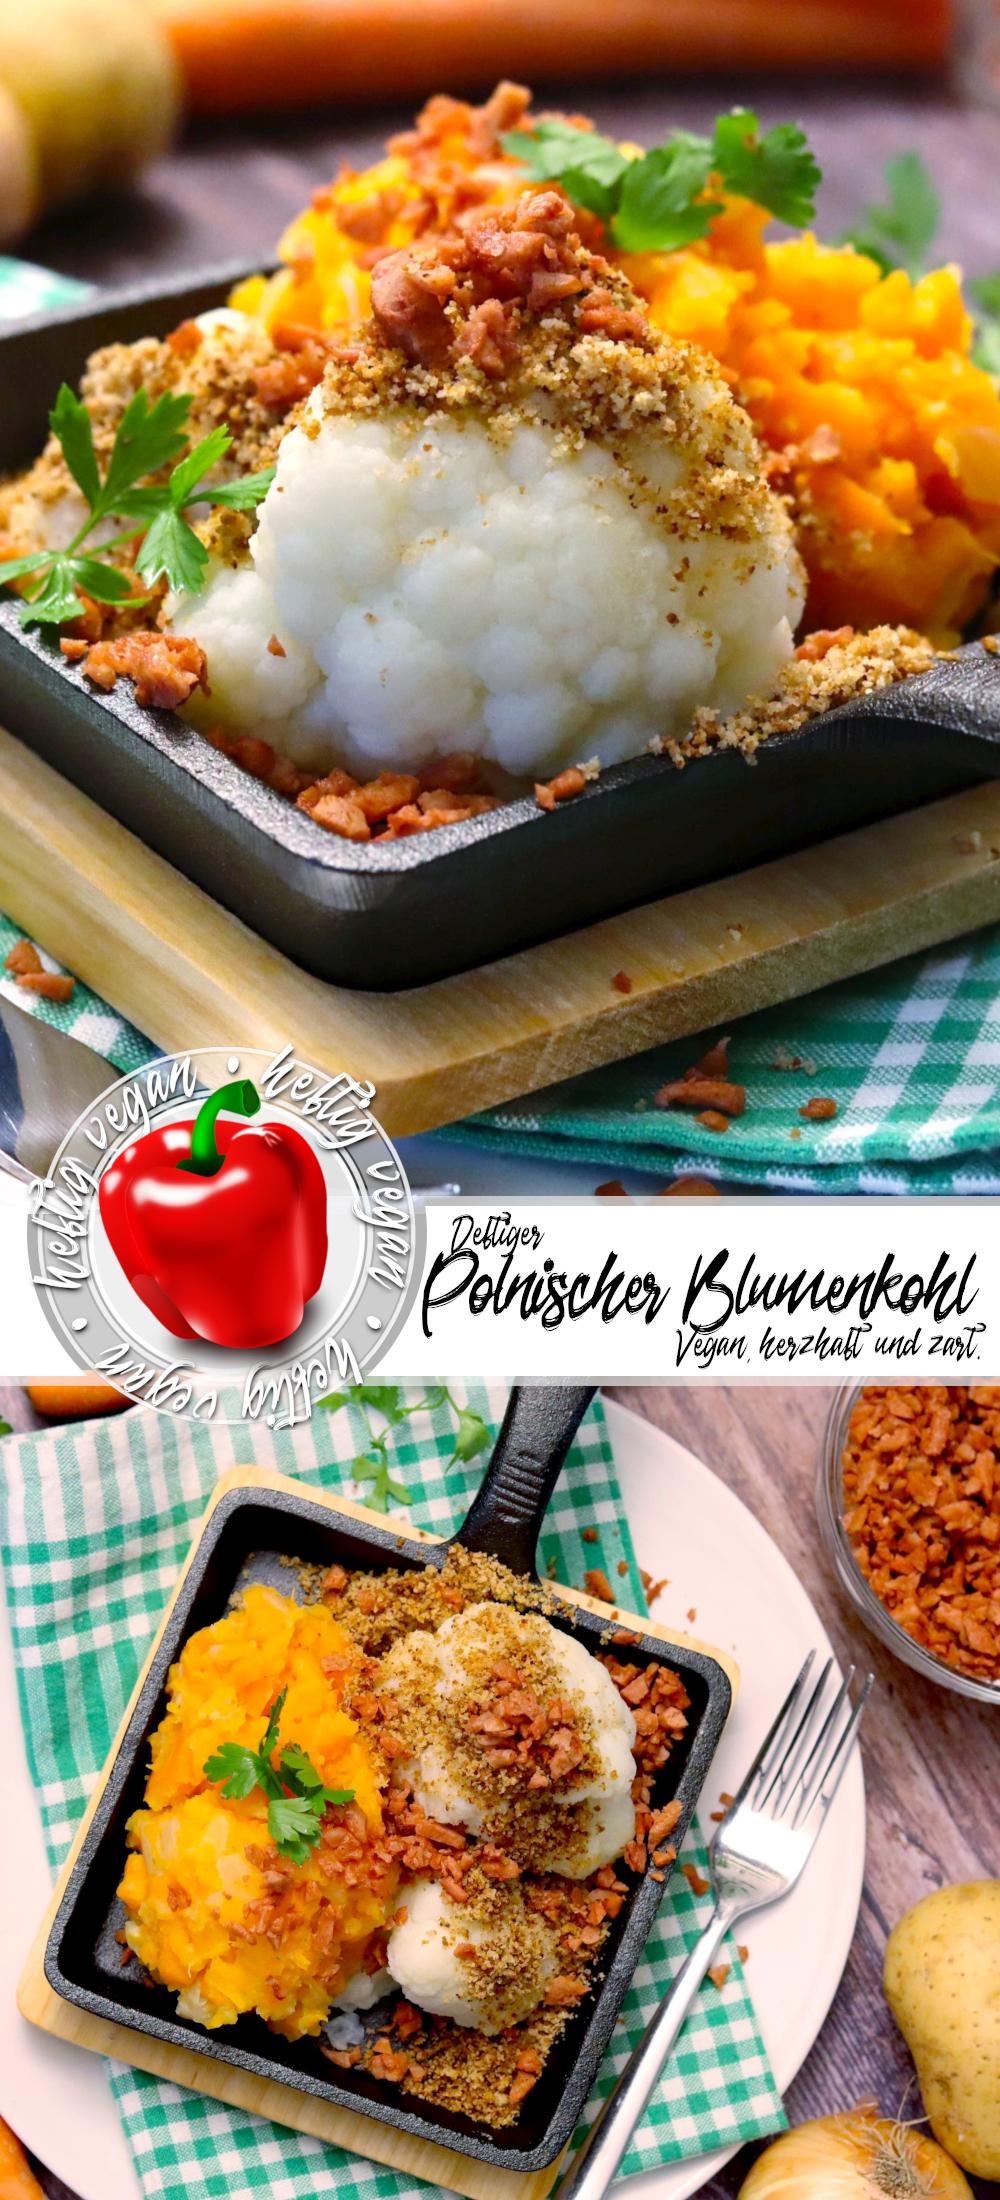 Polnischer Blumenkohl (Pinterest)